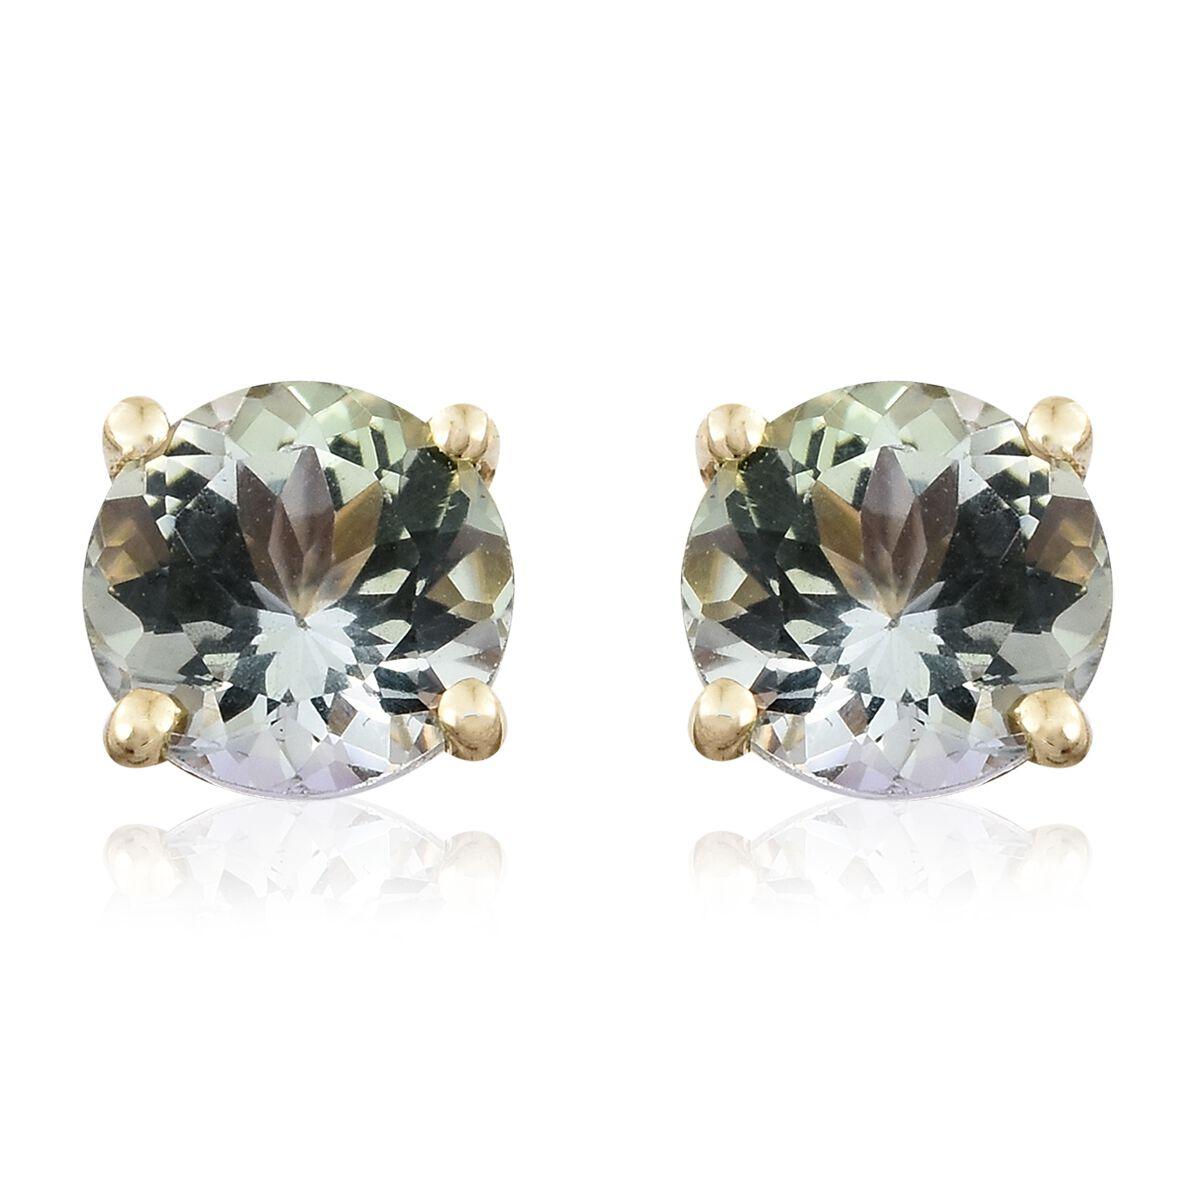 1 Carat AA Natural Green Tanzanite Stud Earrings in 9K